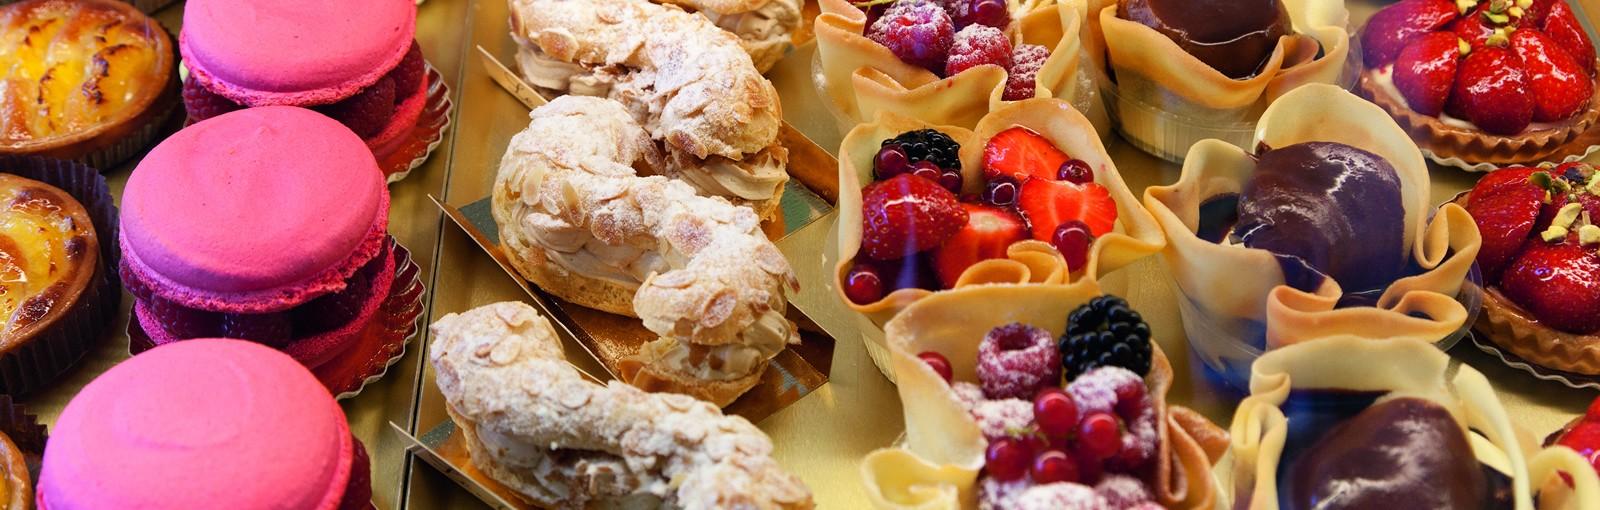 Tours Delicias gastronómicas del barrio latino - Visitas a pie - Visitas de Paris